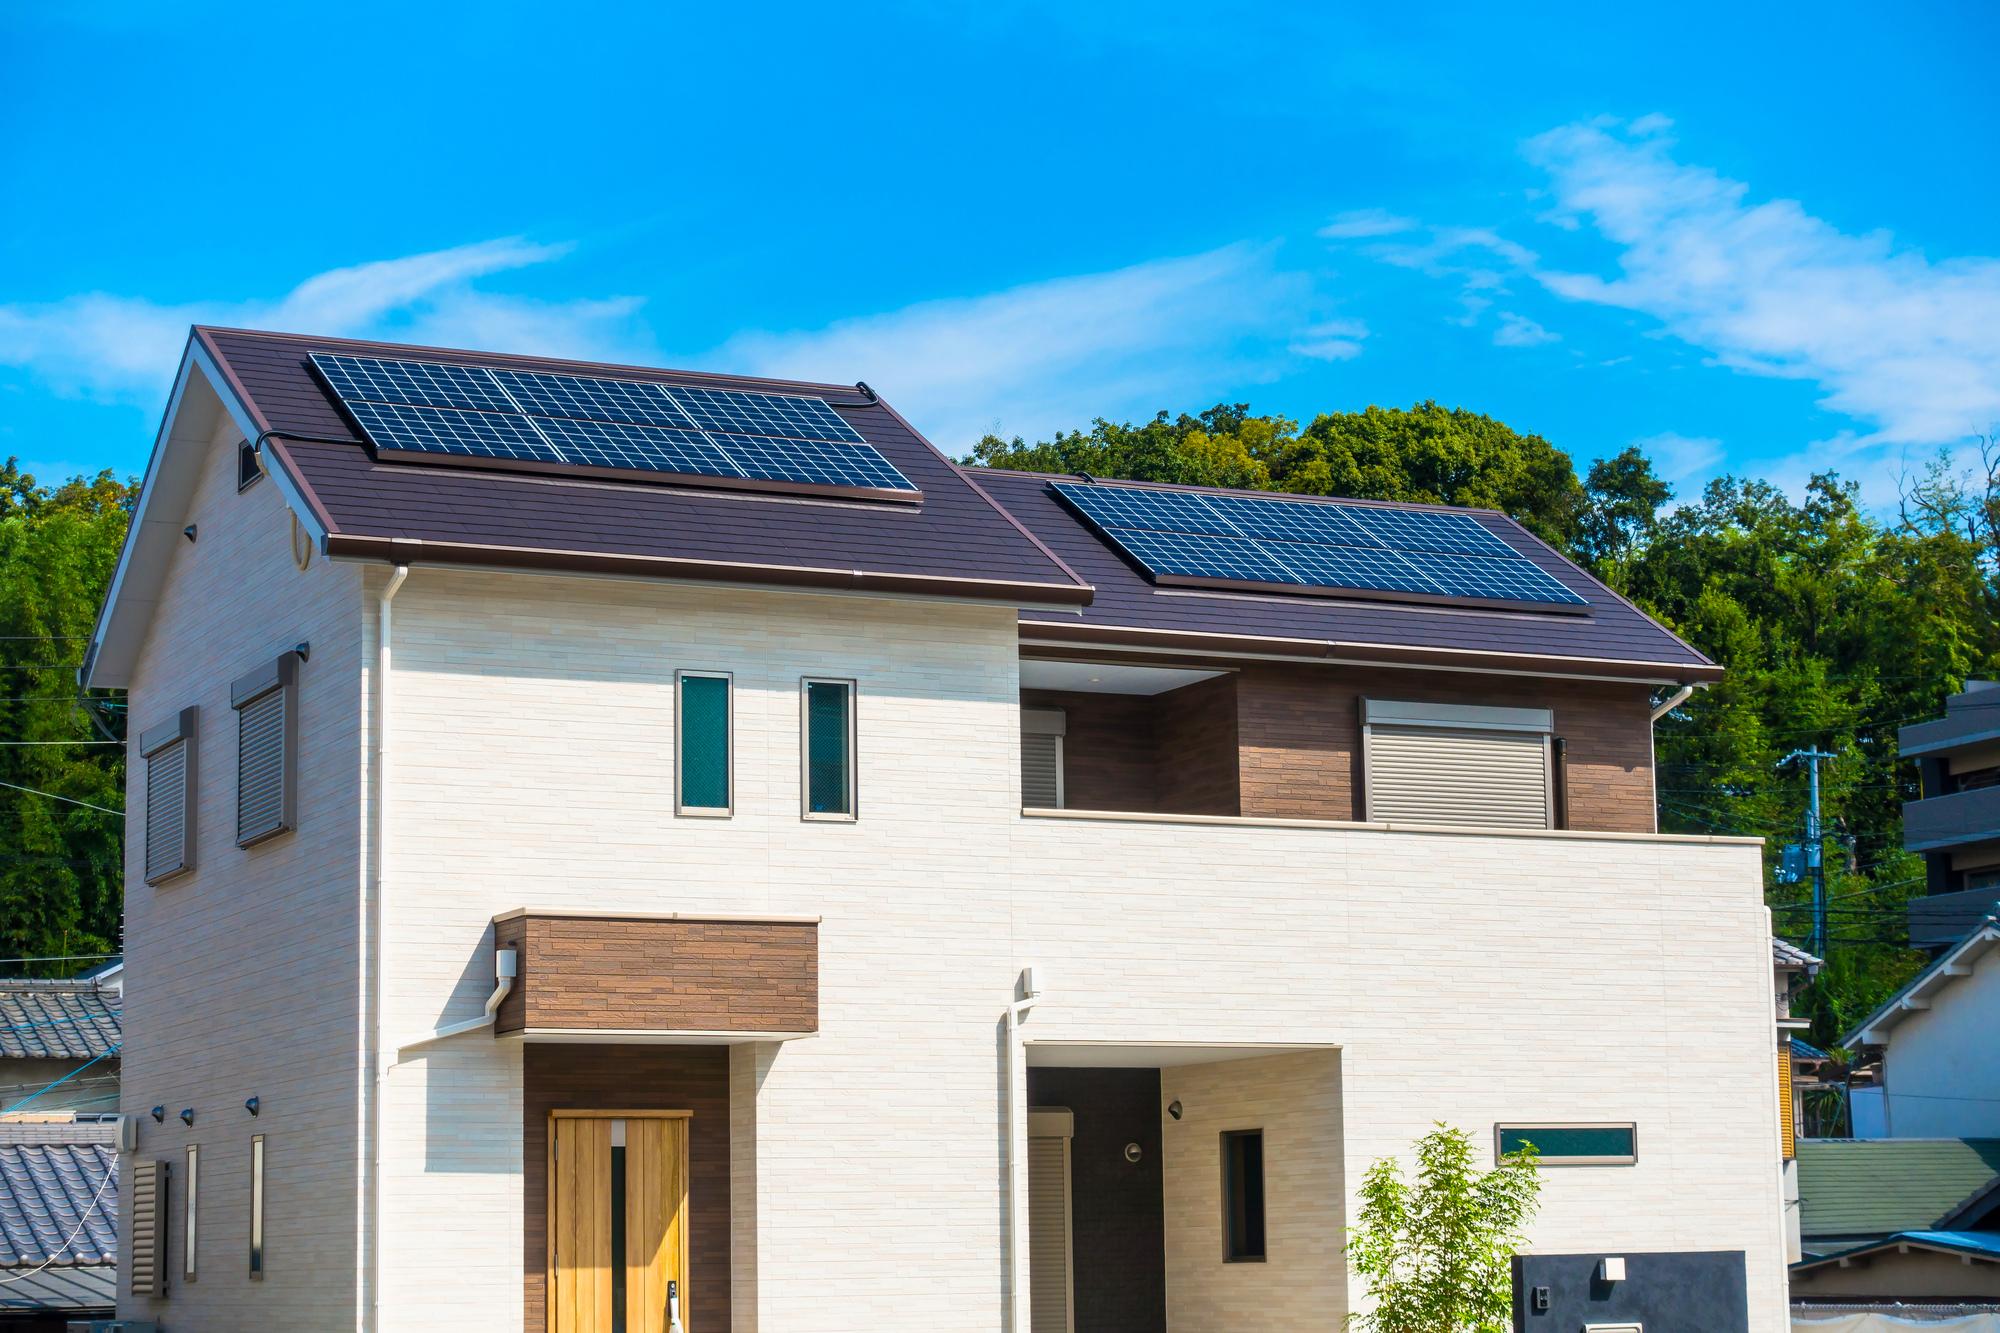 1-10.太陽光発電パネル設置の際にできた穴